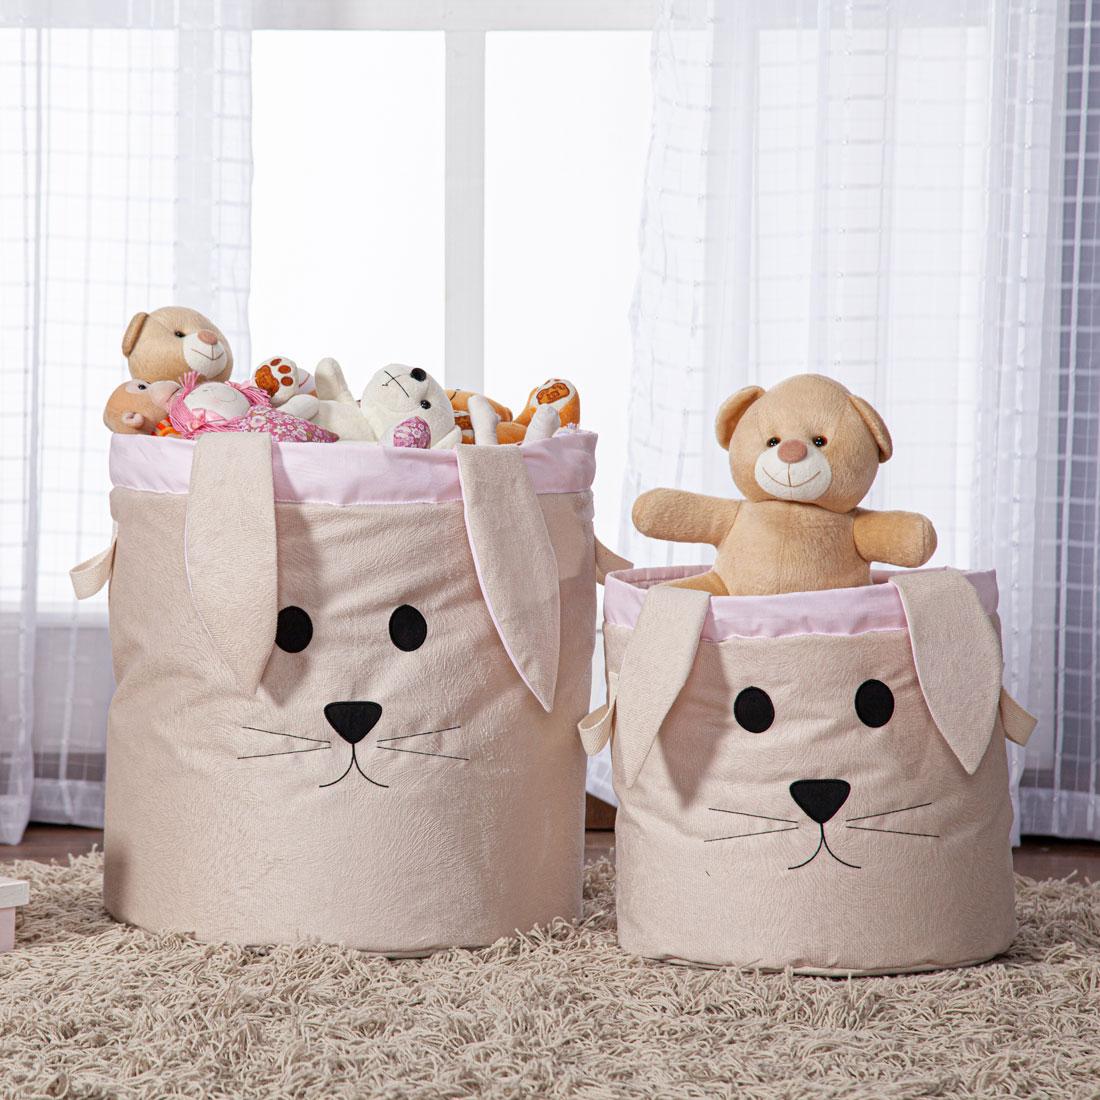 Kit Cesto Organizador de Brinquedos e Roupas Sujas Dobrável Infantil